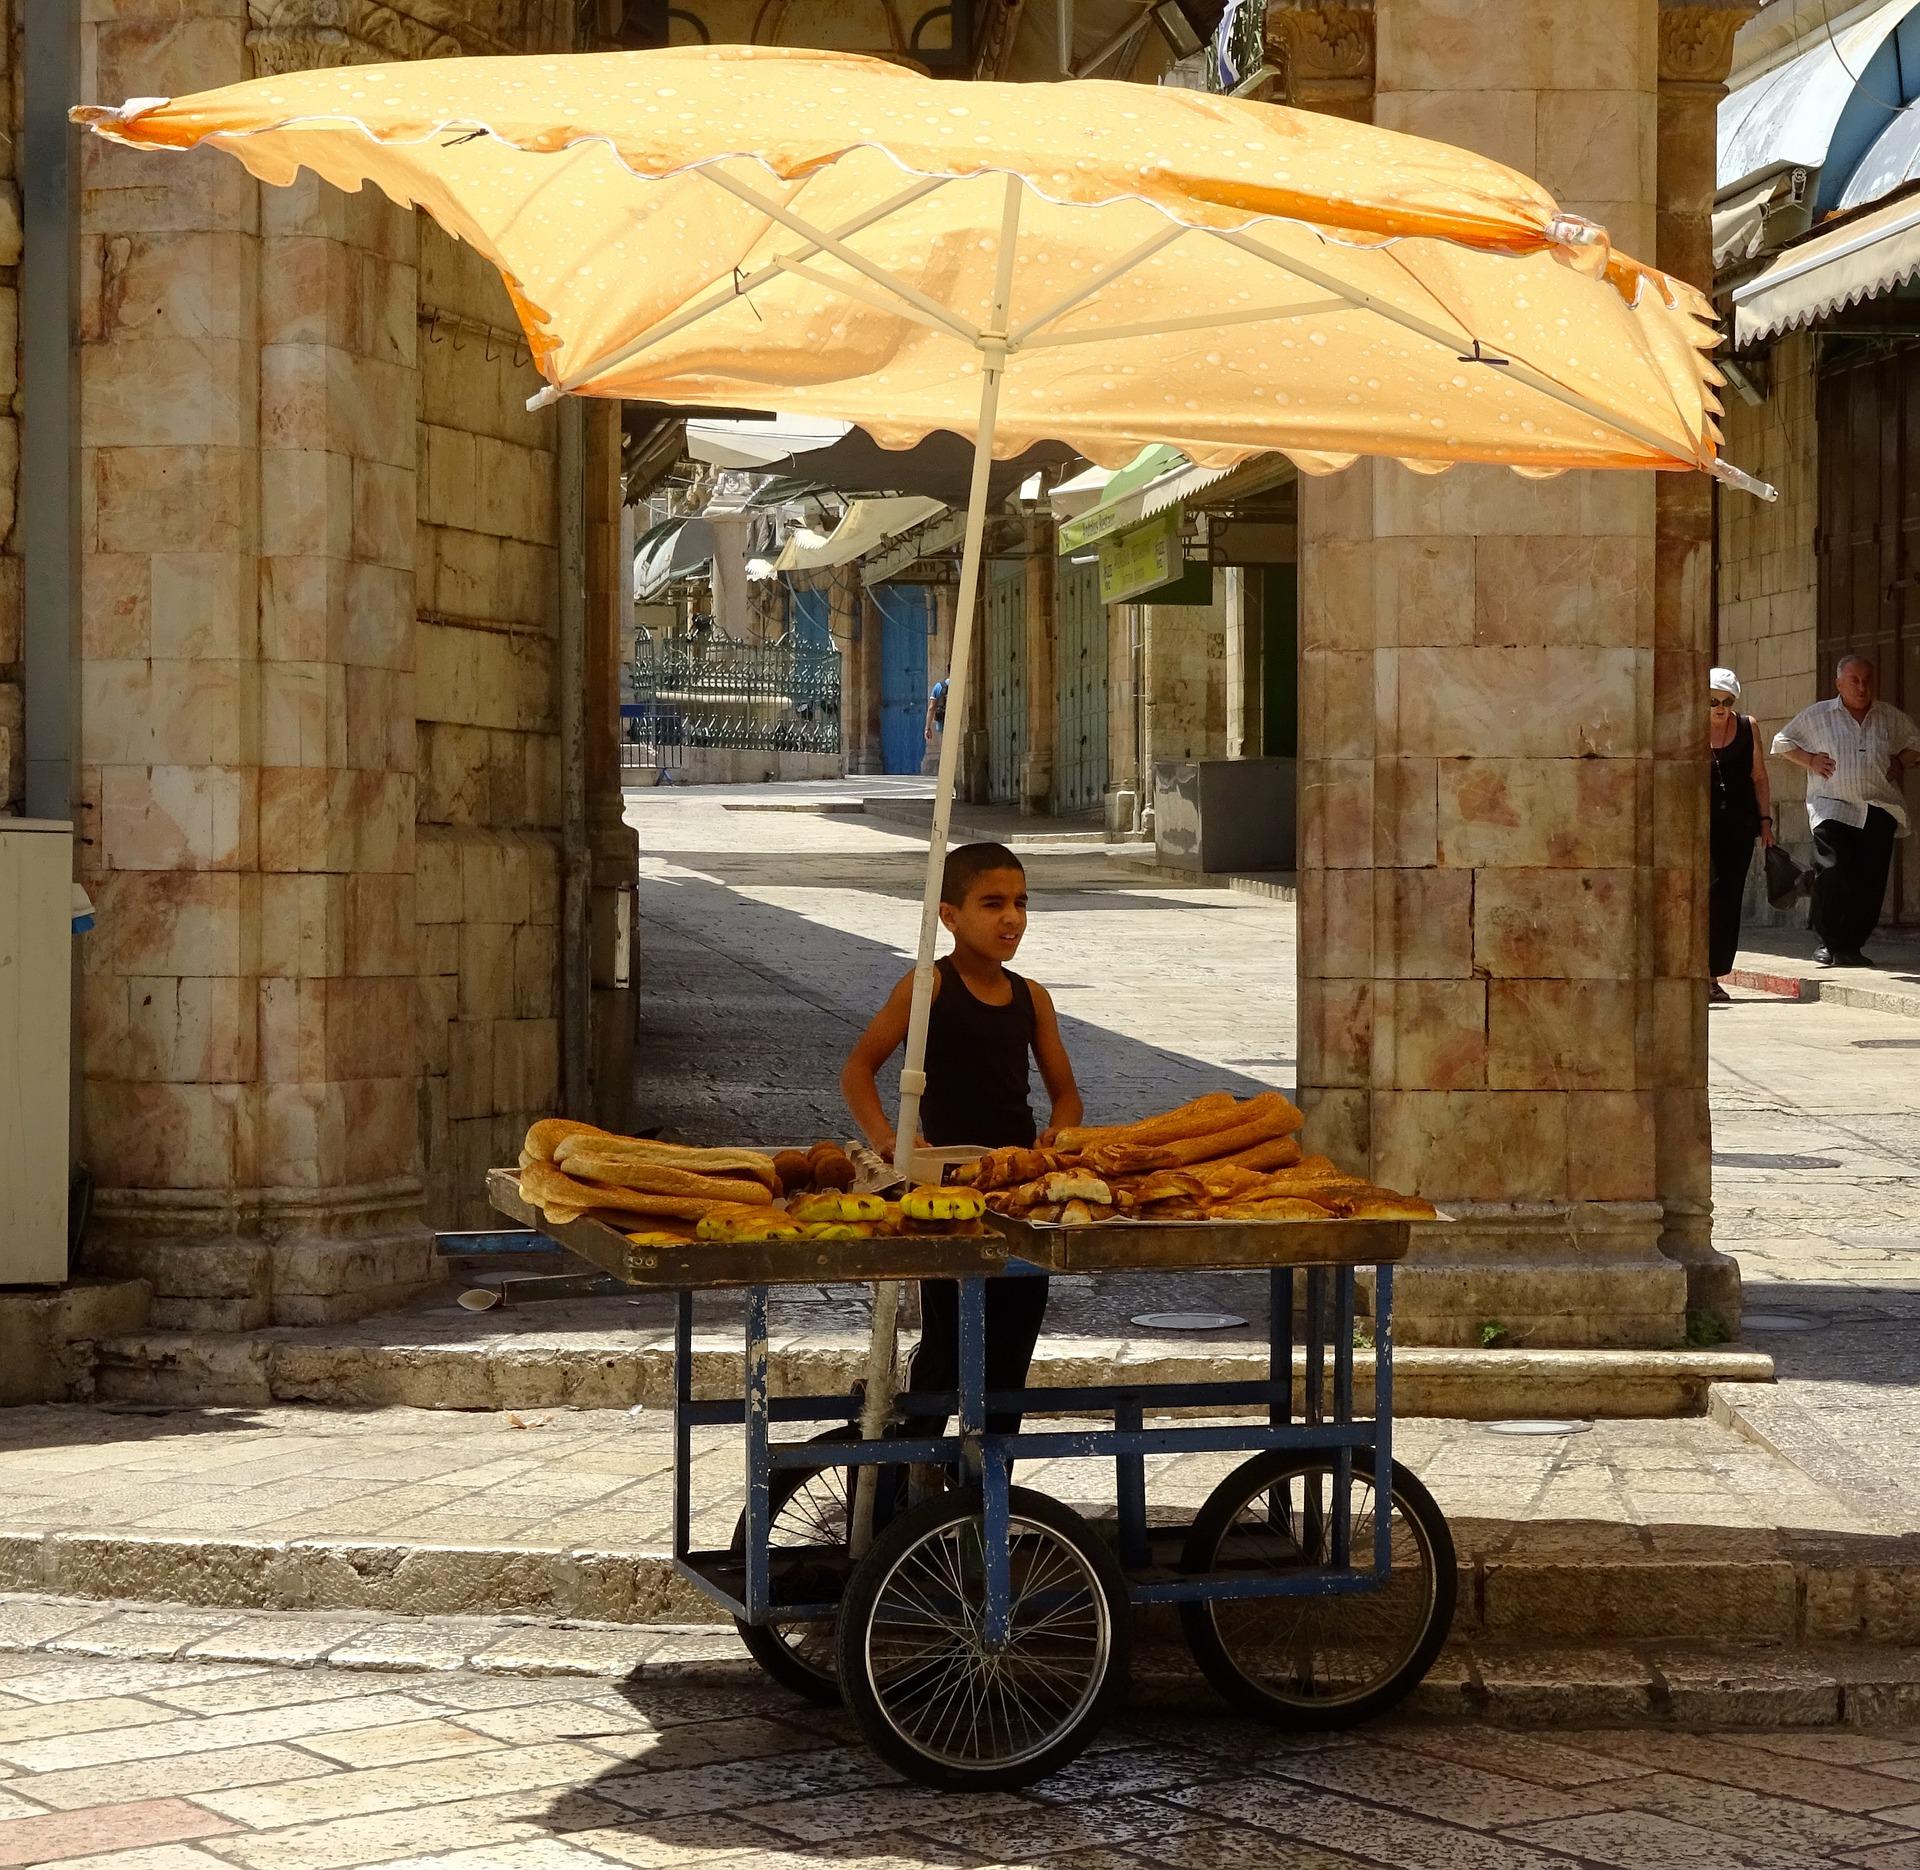 IG Scholar_Bread seller_Jerusalem.jpg